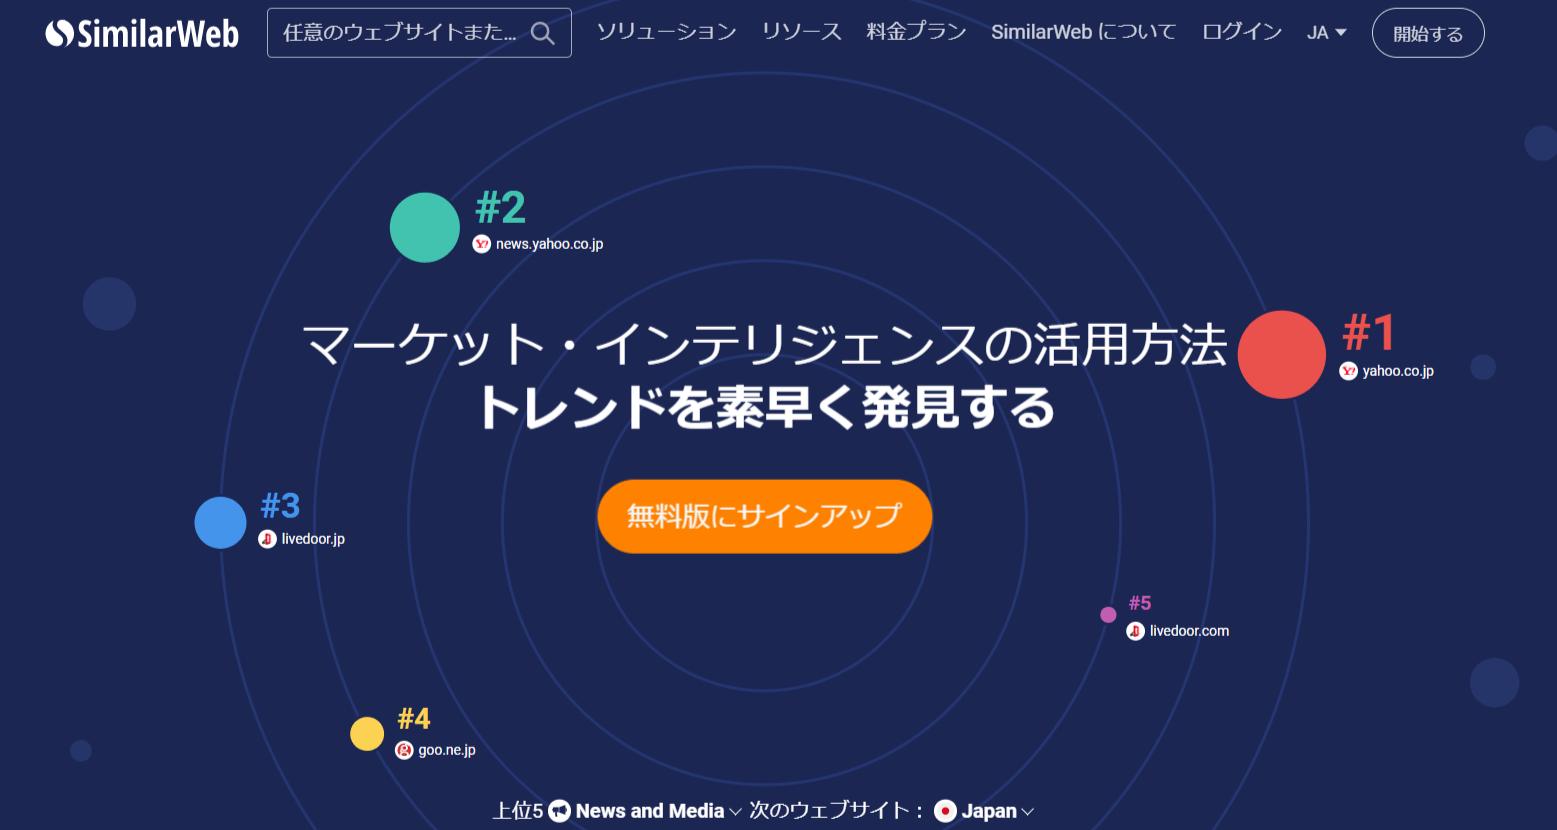 シミラーウェブ公式サイト